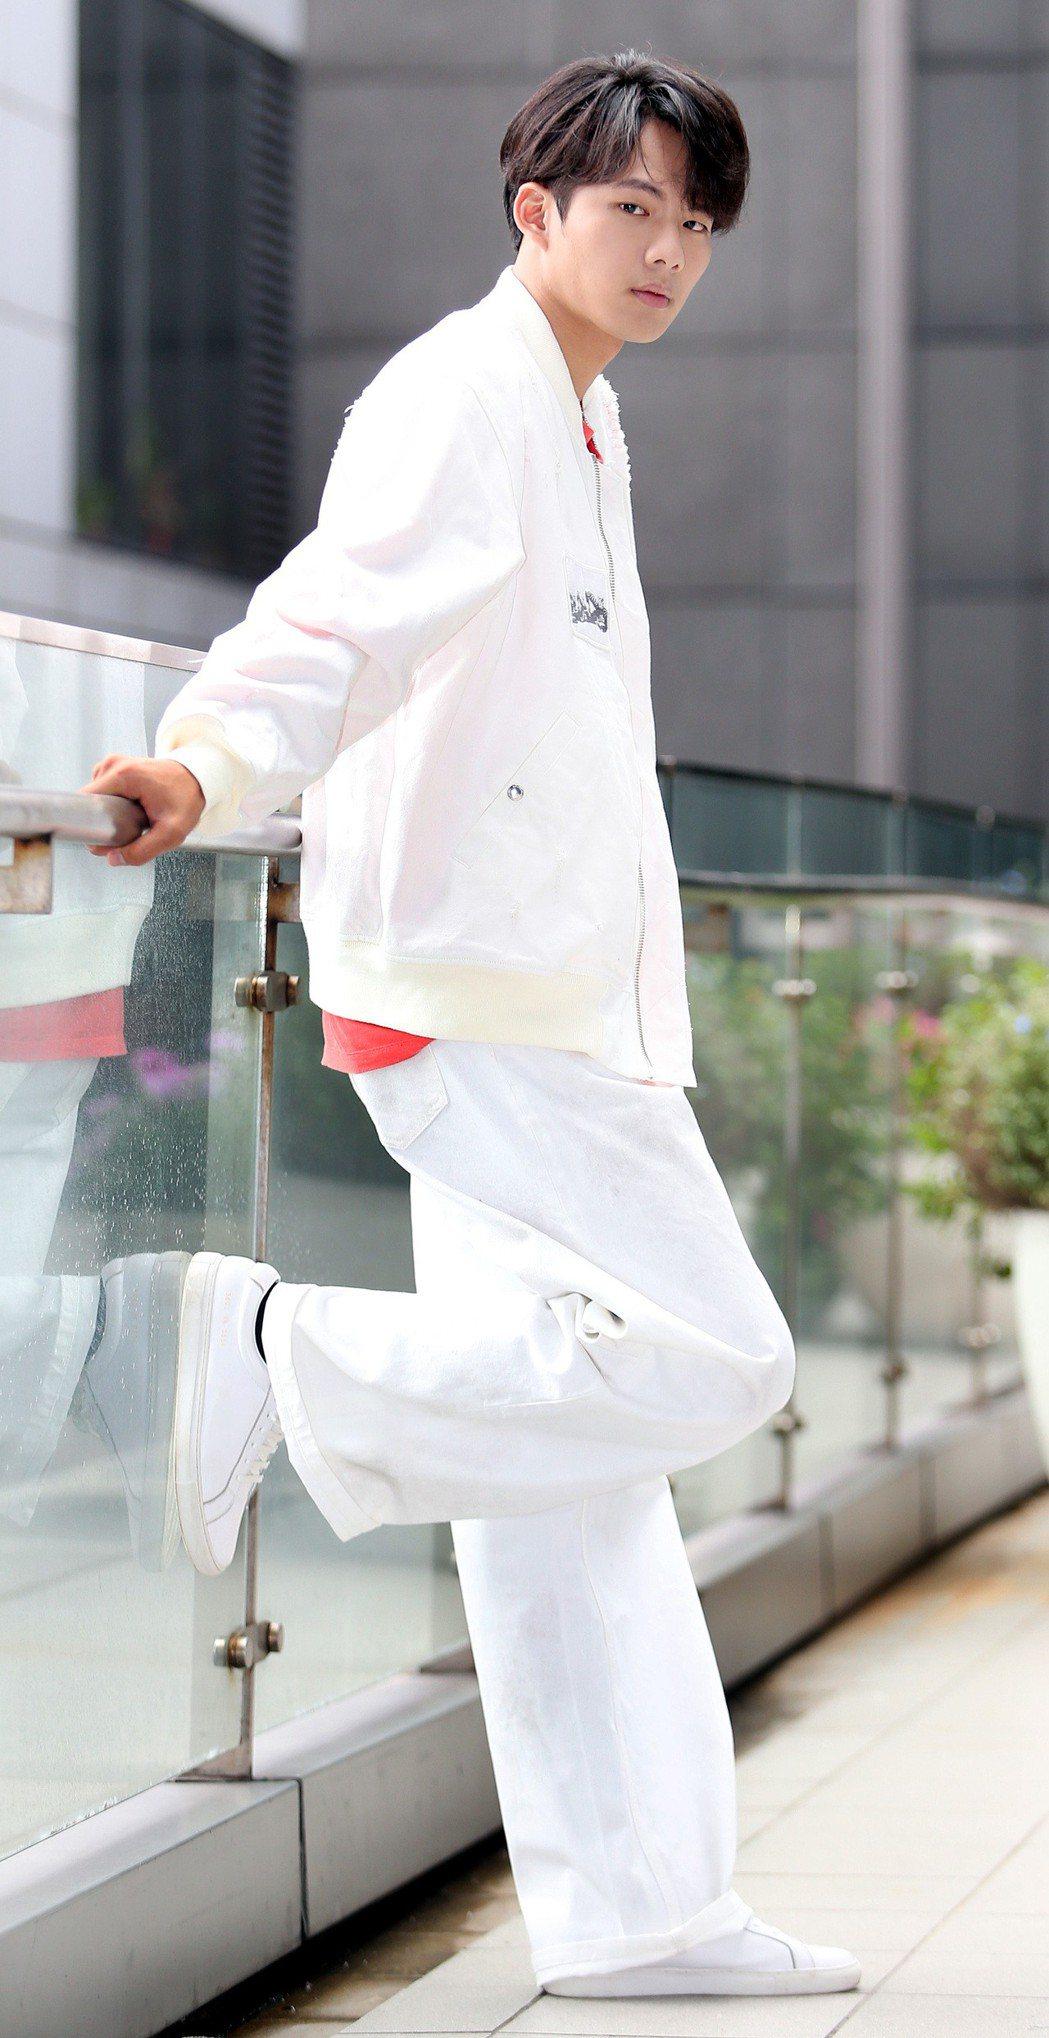 「月村歡迎你」男主角吳念軒。記者侯永全/攝影